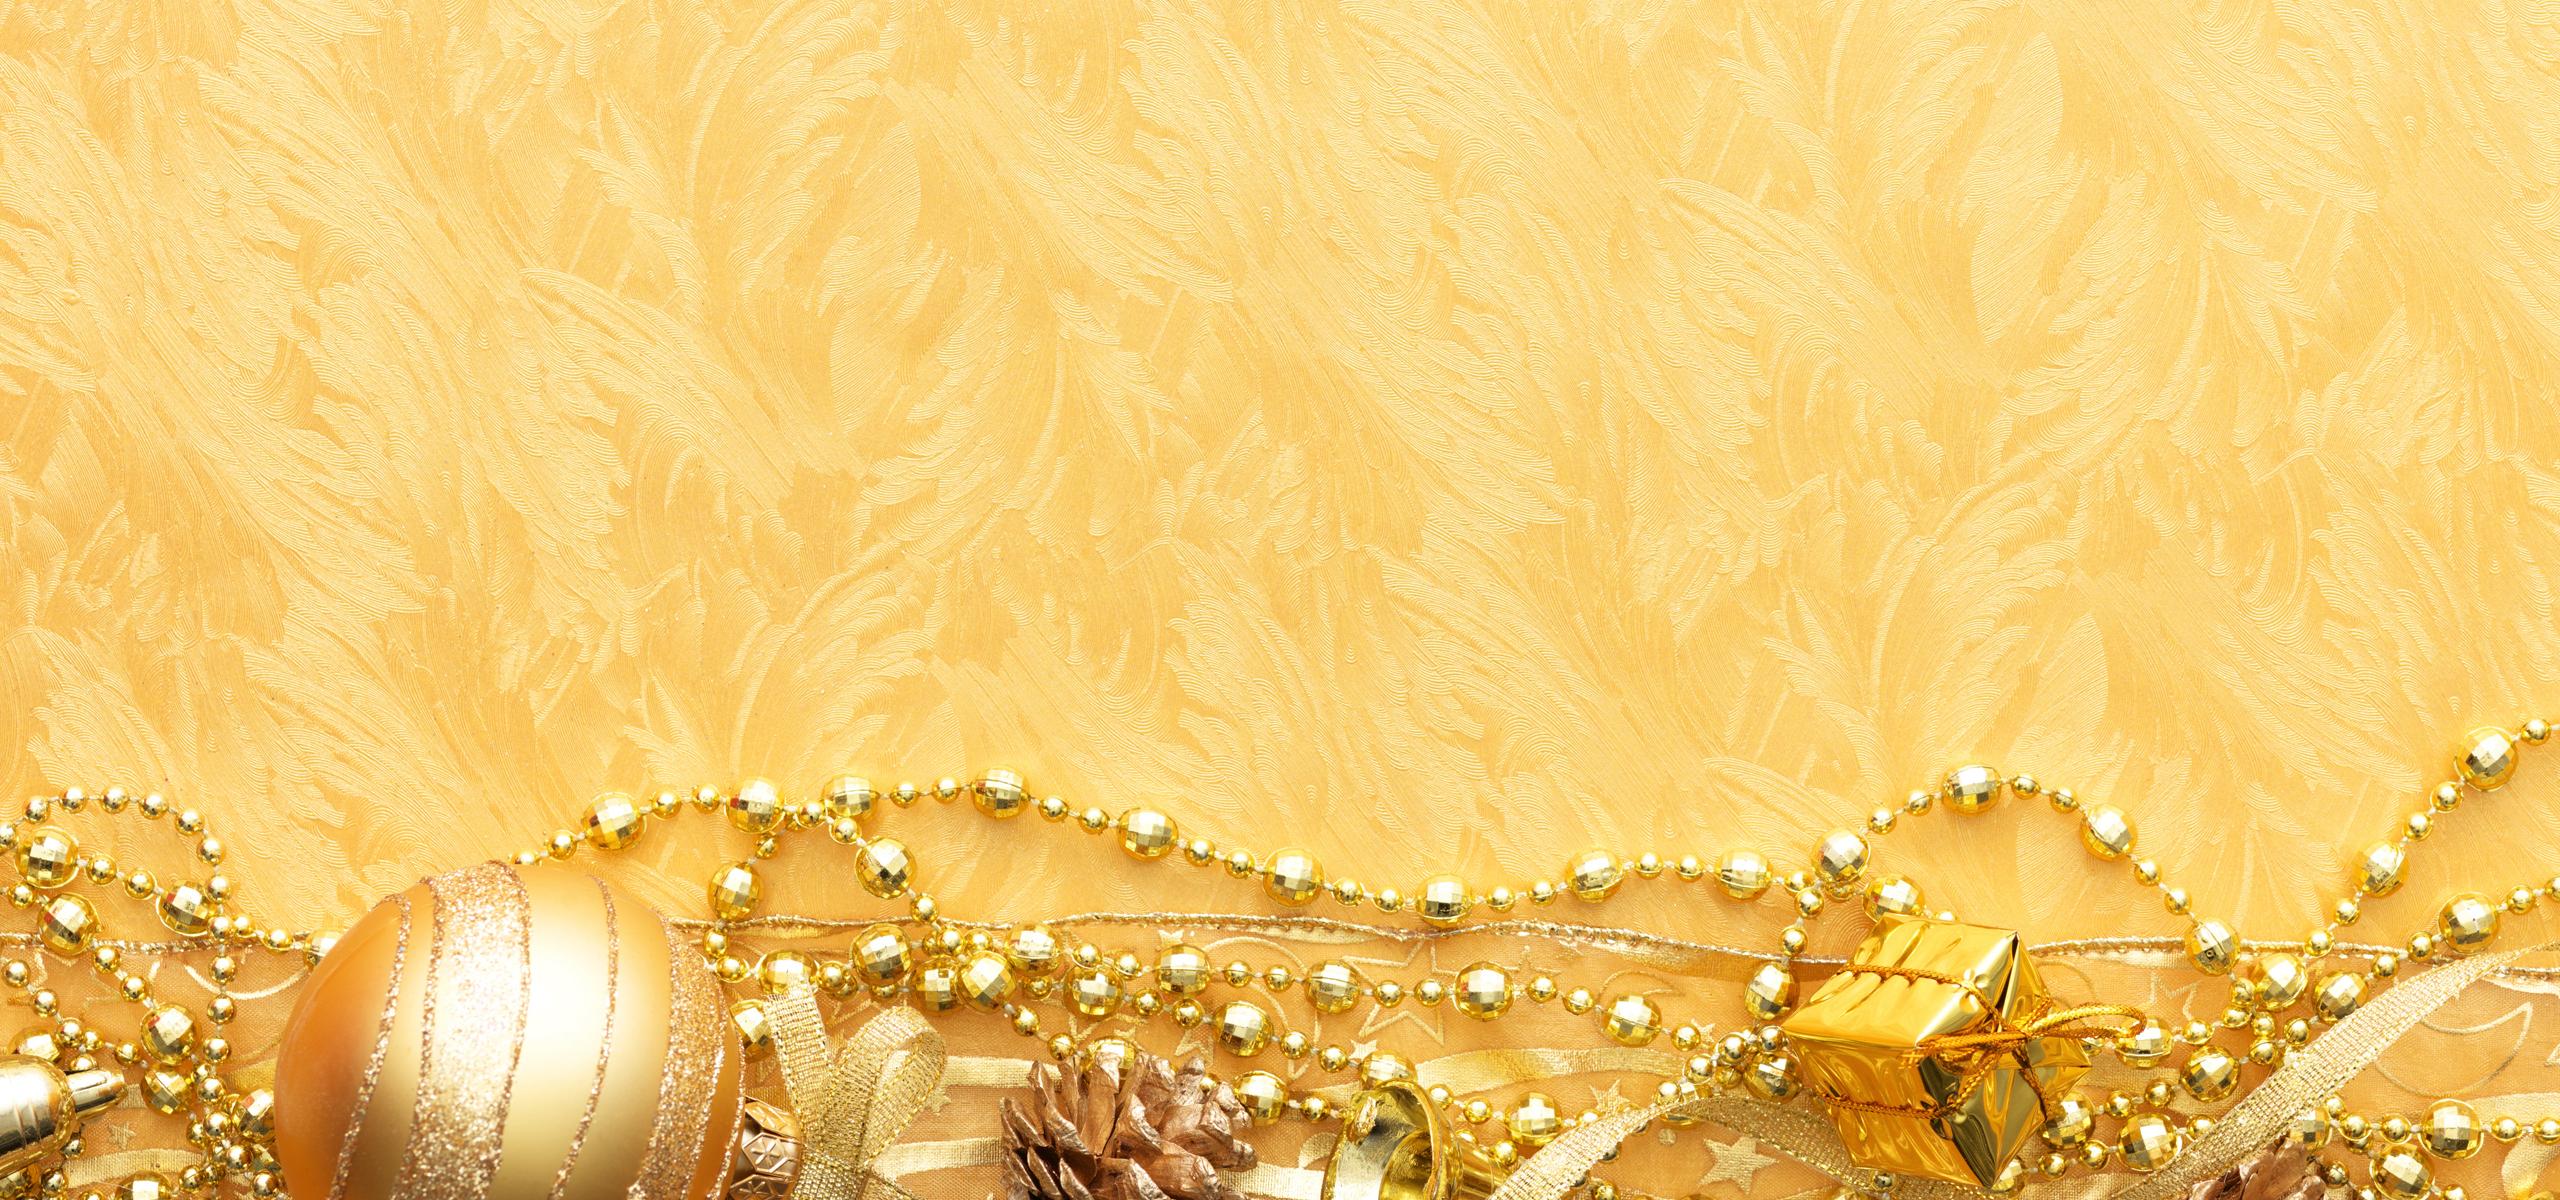 картинки золотой фон с надписью желании